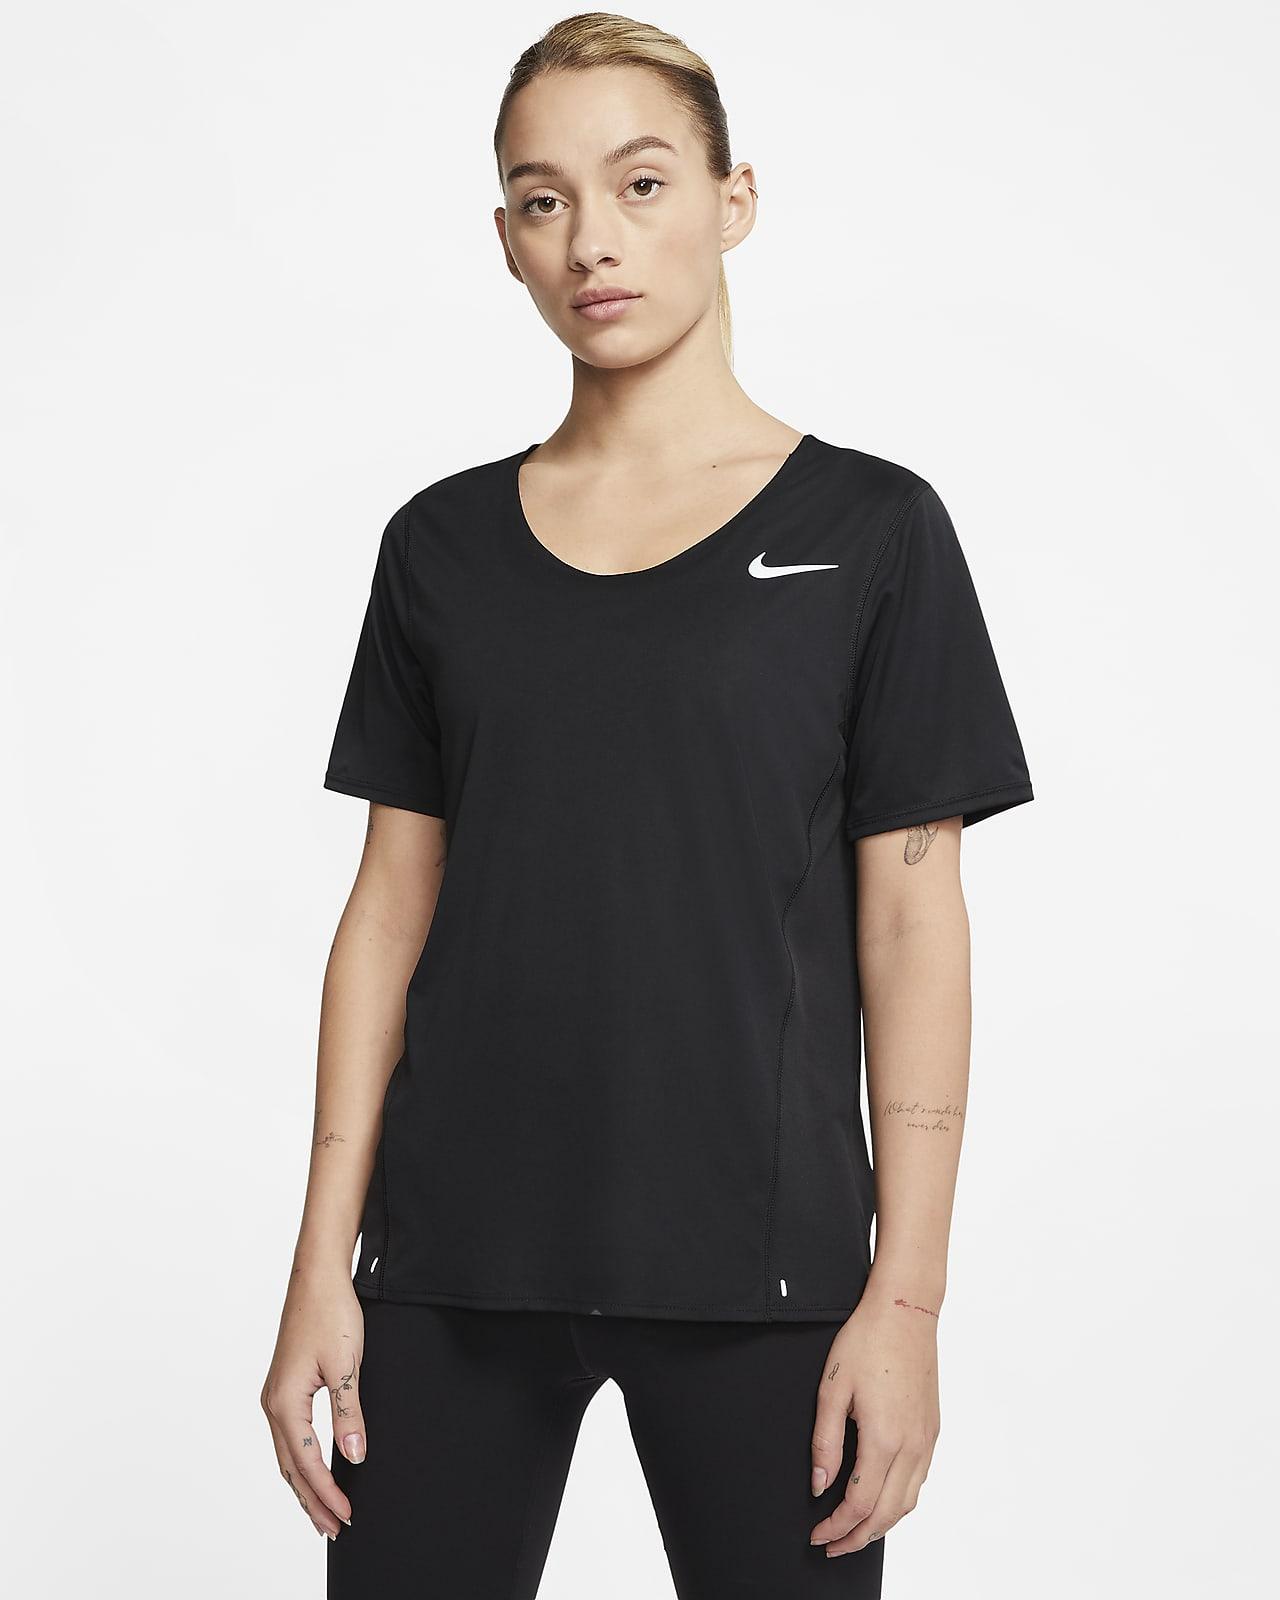 เสื้อวิ่งแขนสั้นผู้หญิง Nike City Sleek